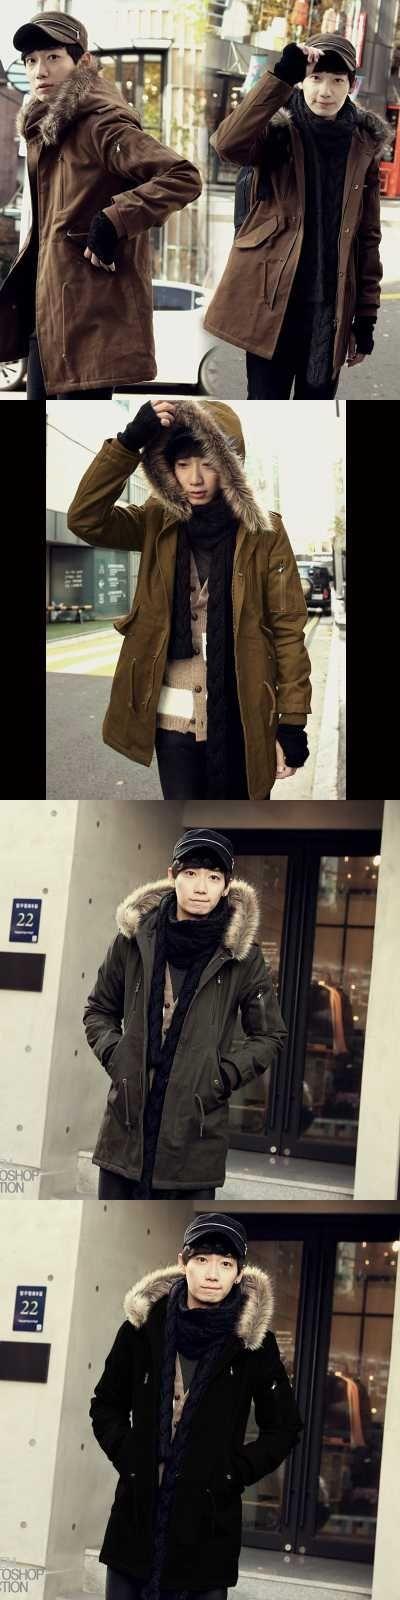 Winter Jacket Men Parkas Black Brown Green Winter Coat Feather Down Jacket Abrigos Hombres Invierno Chaqueta Plumas H6561